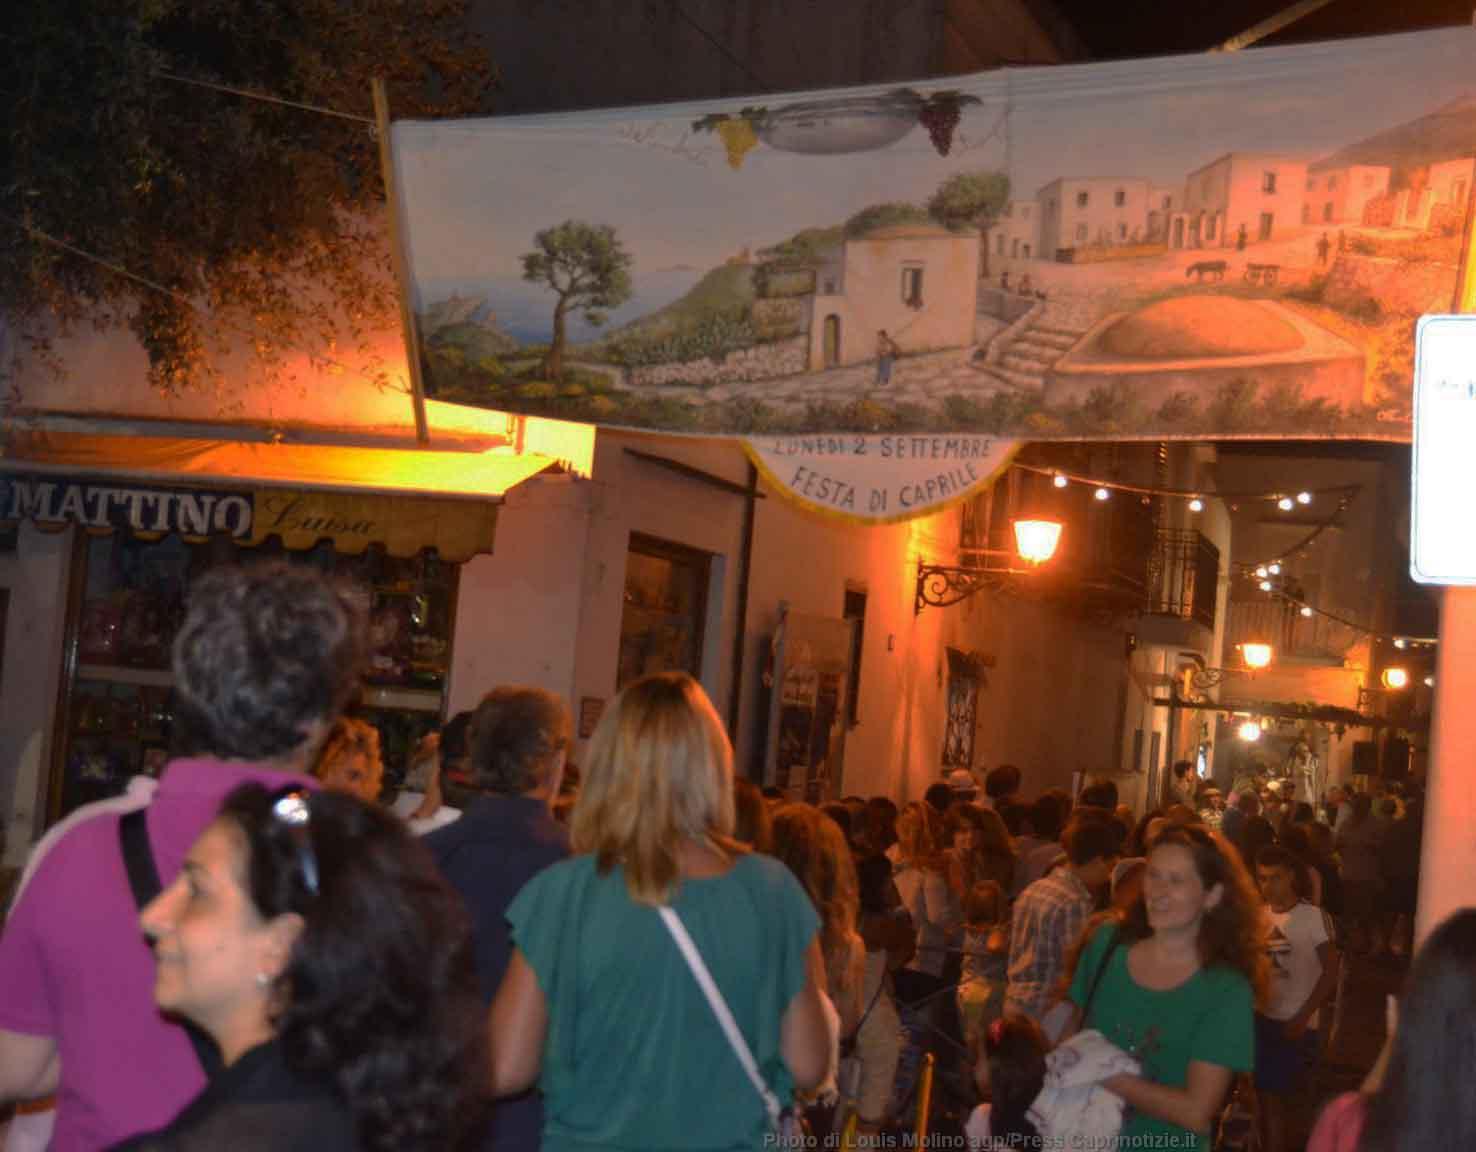 Settembrata anacaprese 2013: Il percorso gastronomico raccontato per immagini